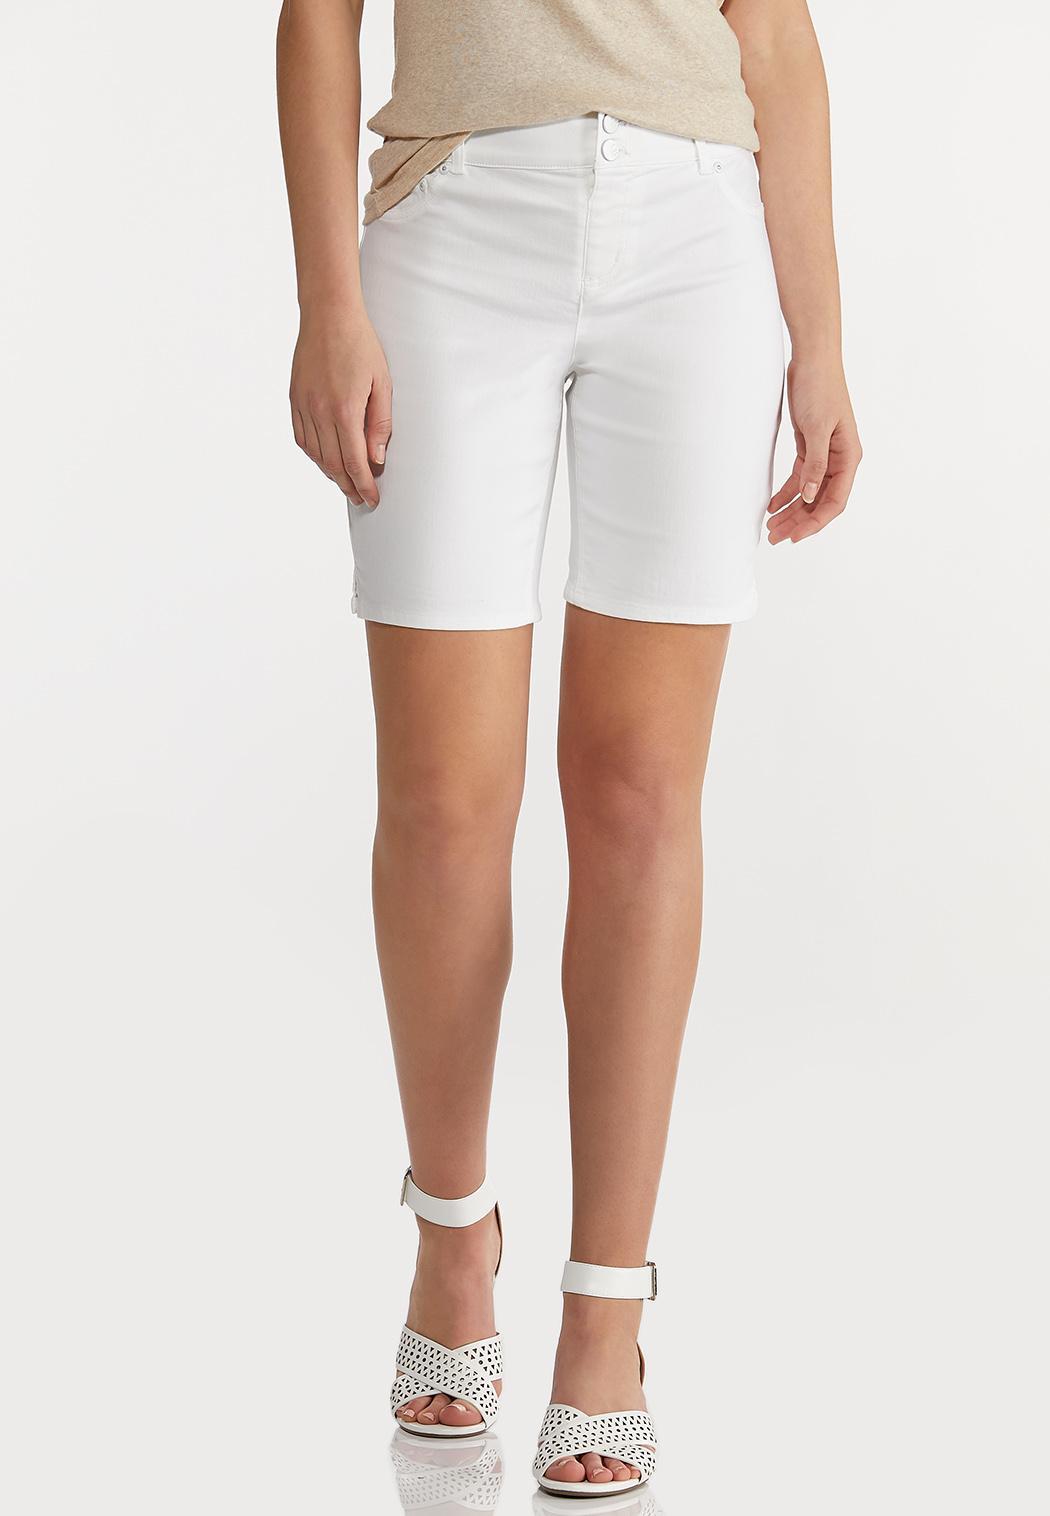 White Classic Denim Shorts